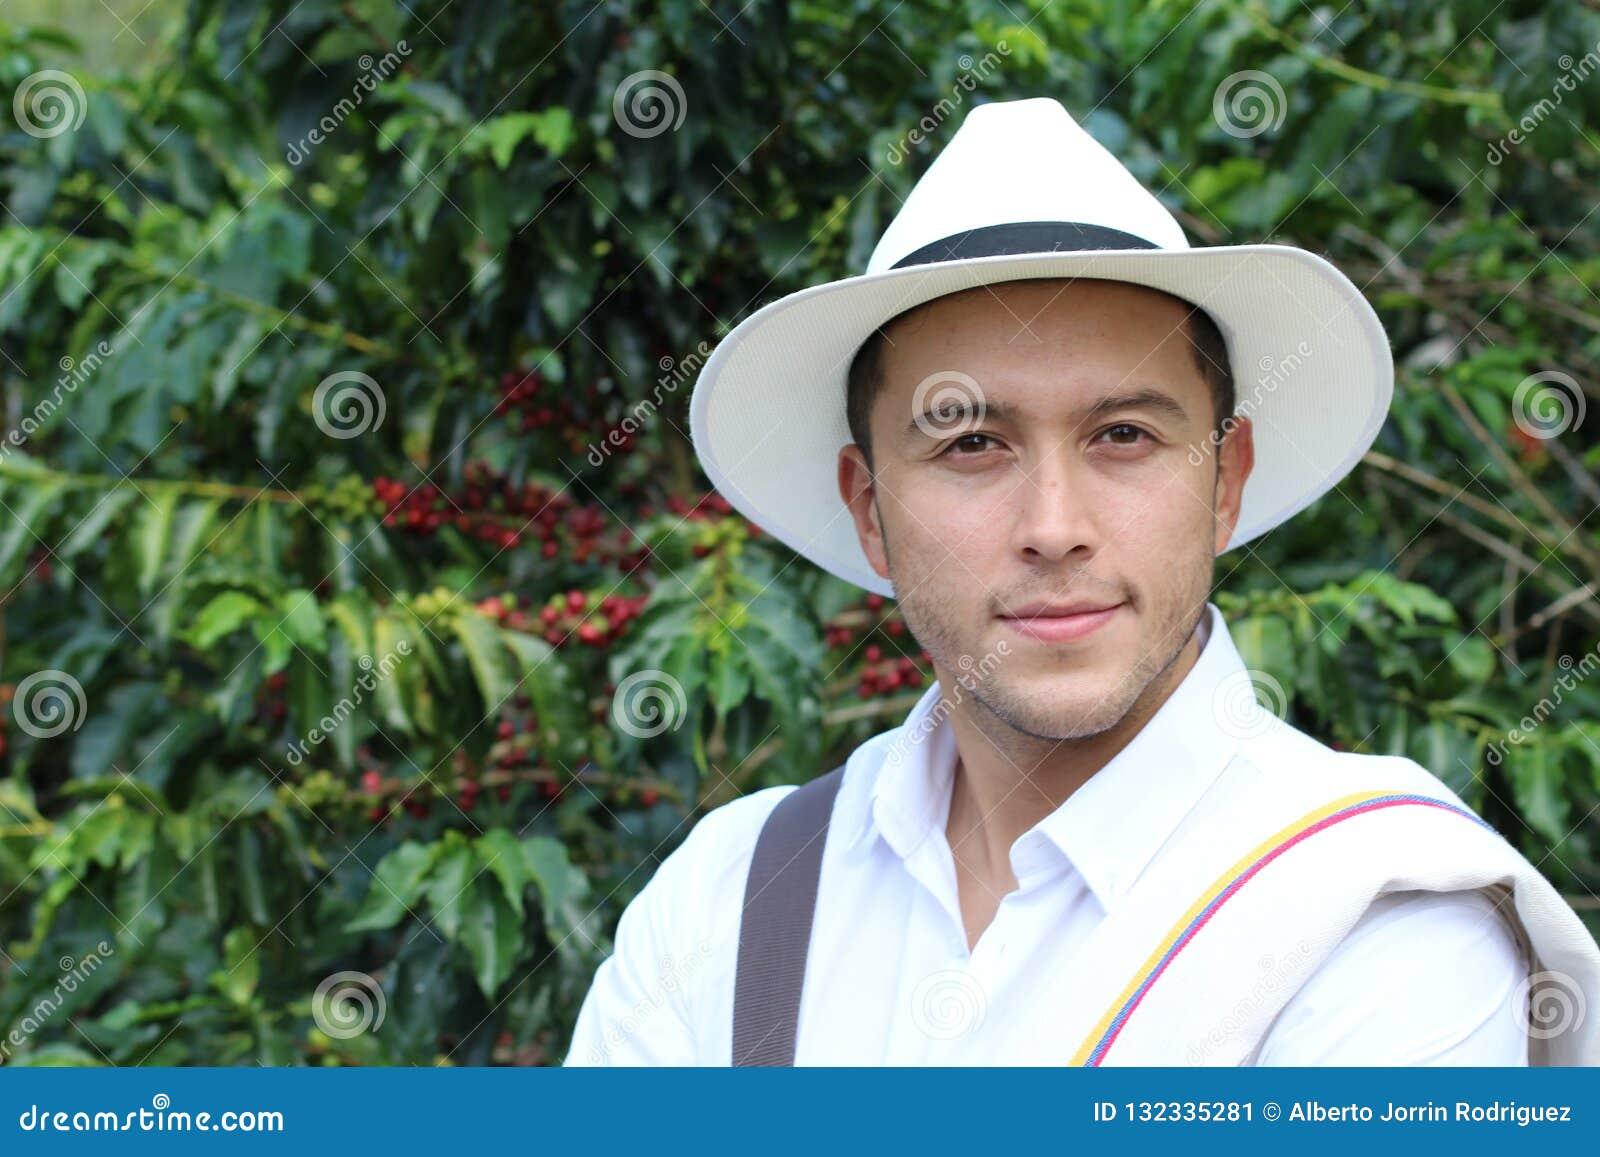 英俊的农夫在咖啡种植园